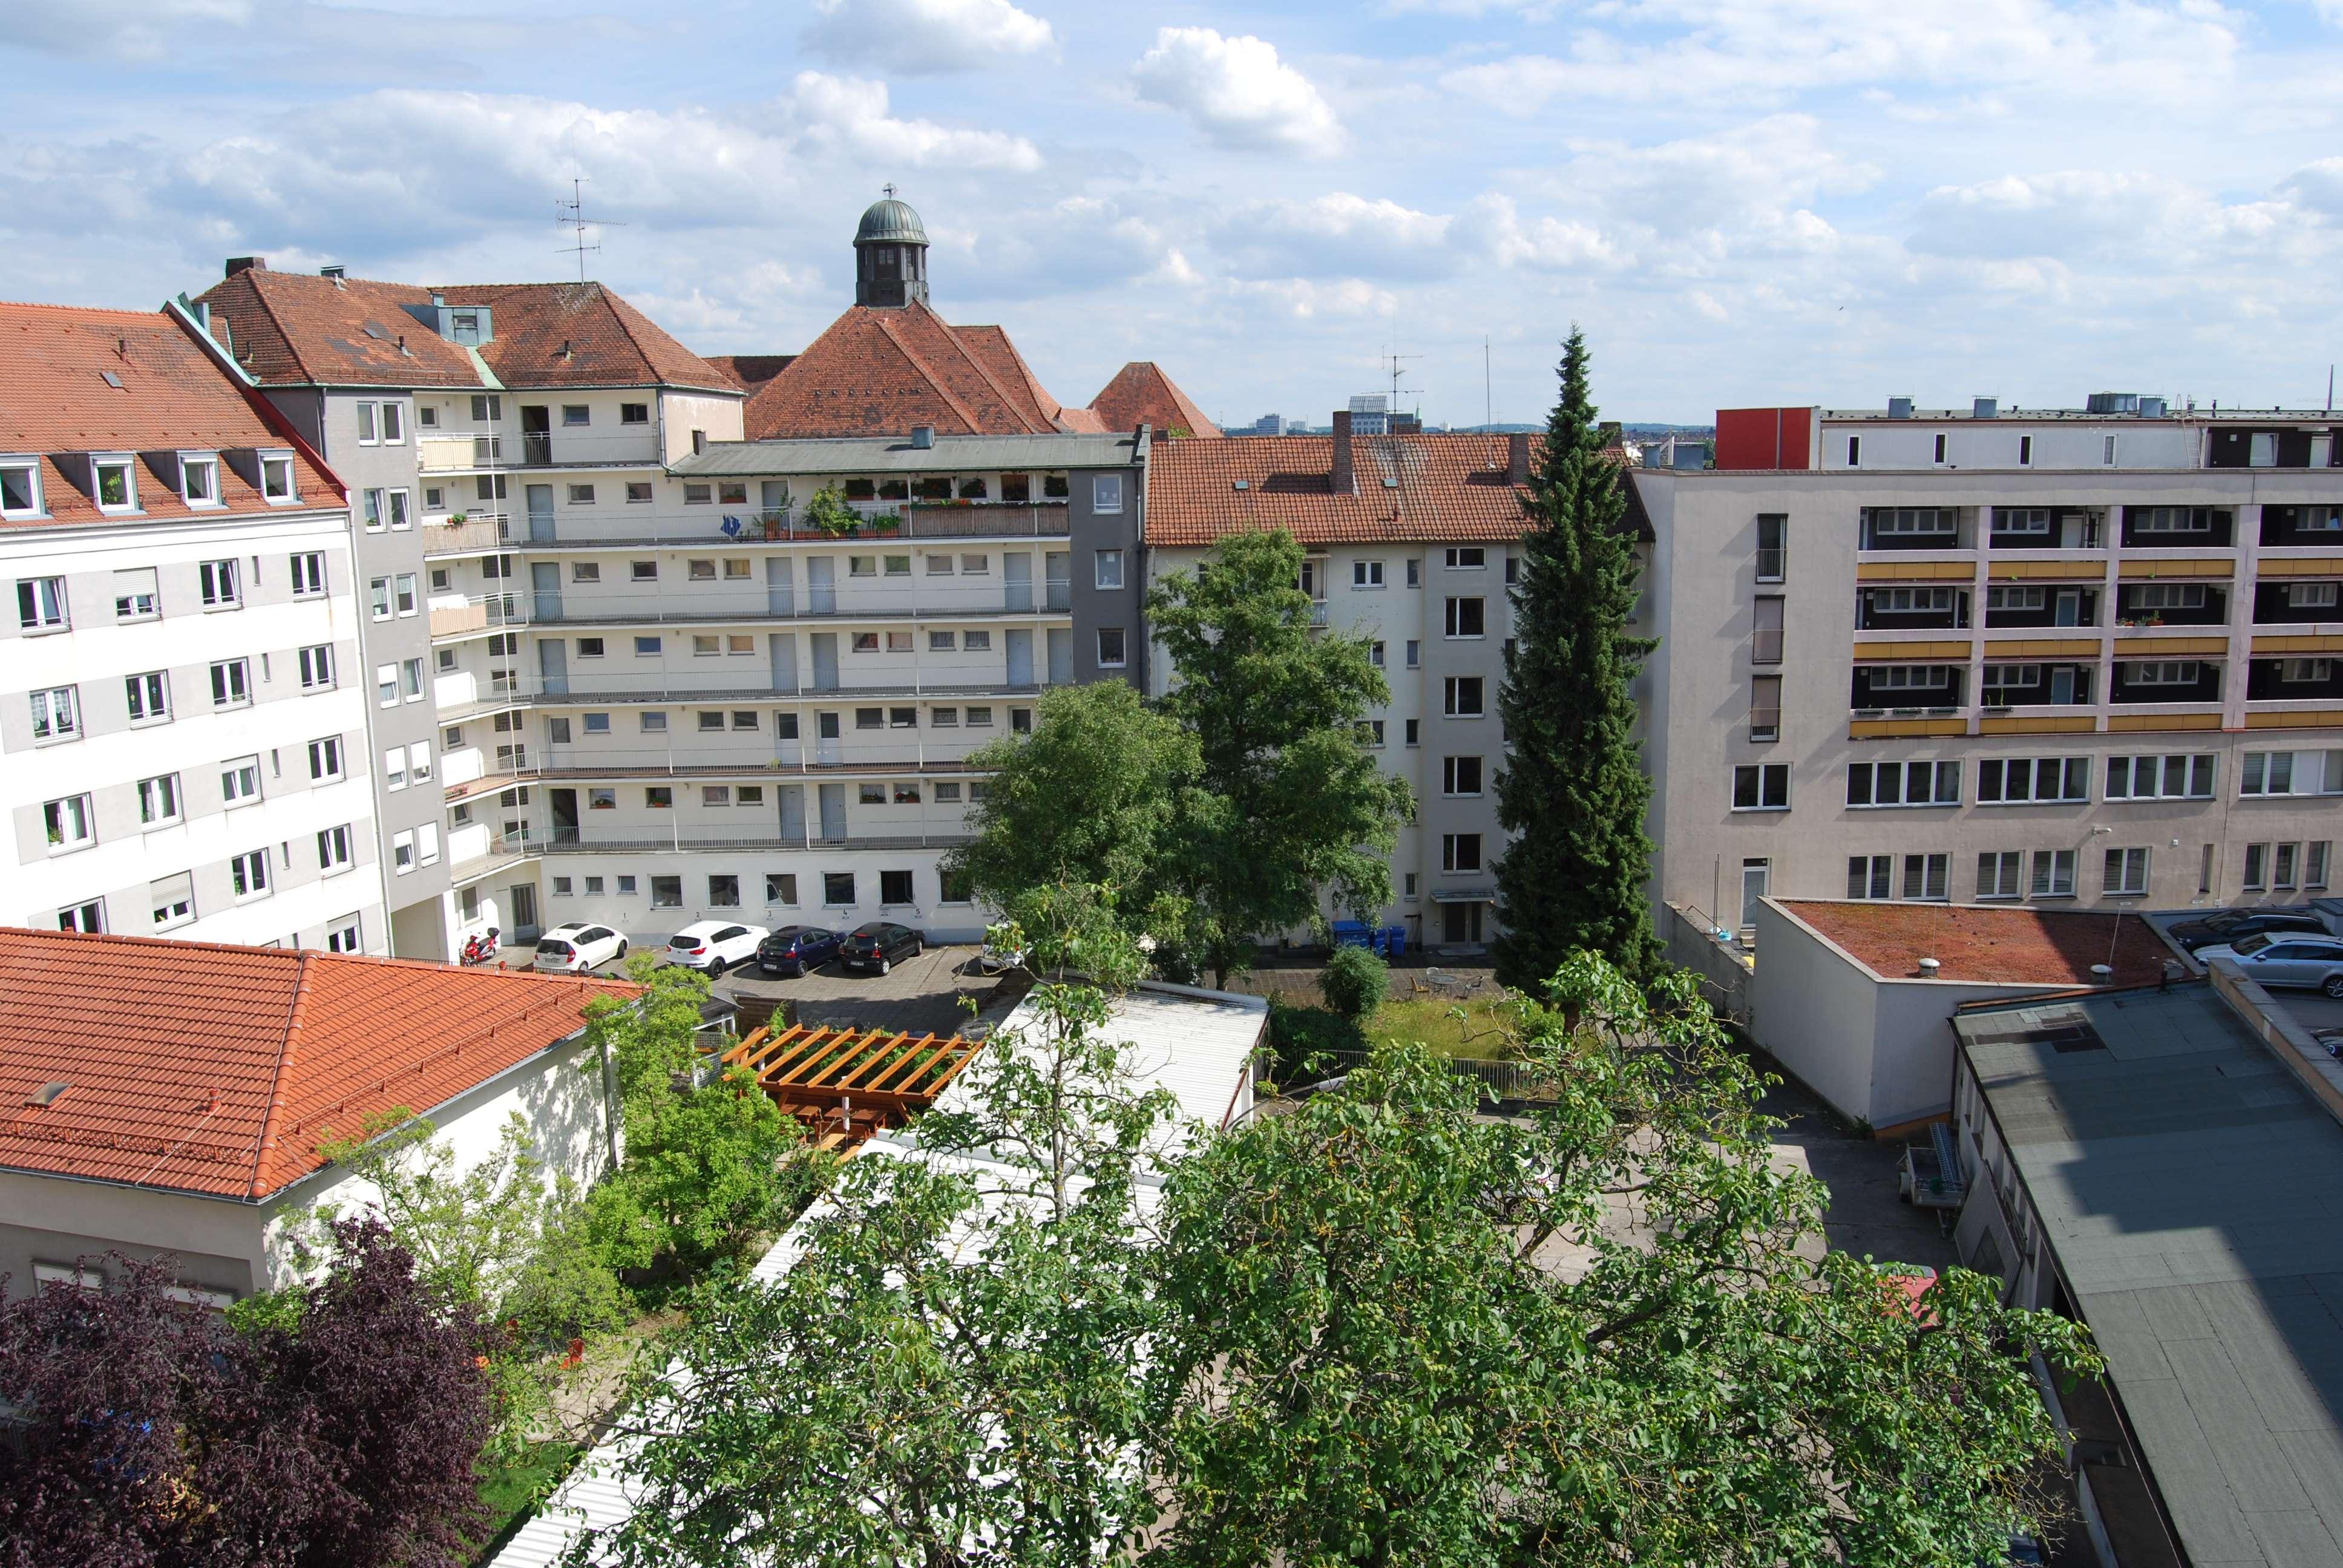 Gemütliche 4,5 - Zimmer Wohnung in zentraler Lage! For 2 ! Bitte, Anfragen per E-Mail ! in Wöhrd